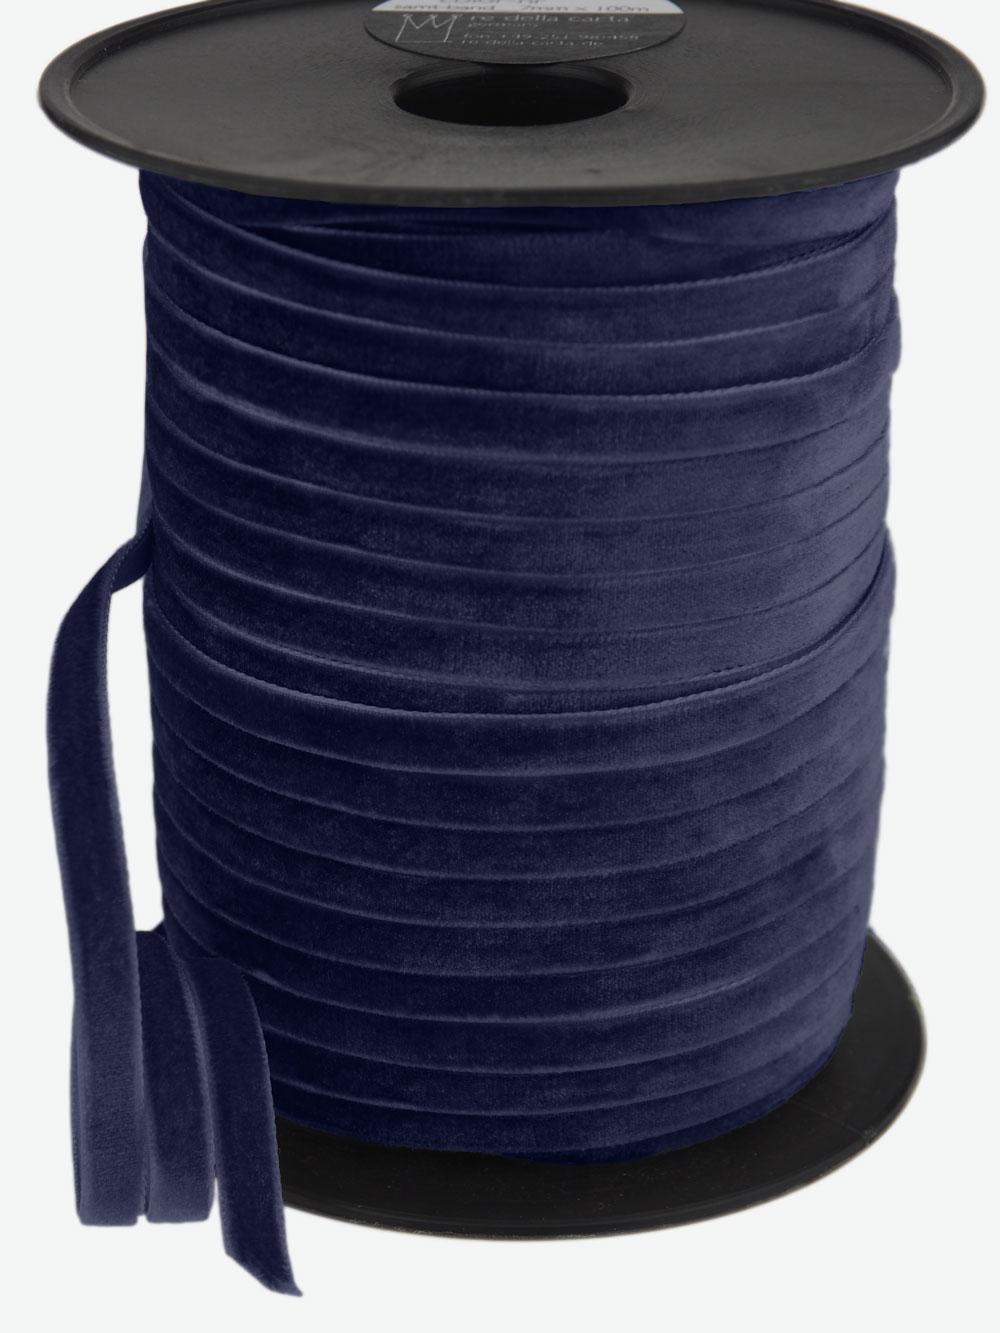 samtband-gewebt-dunkelblau-schimmernd-hochwertig